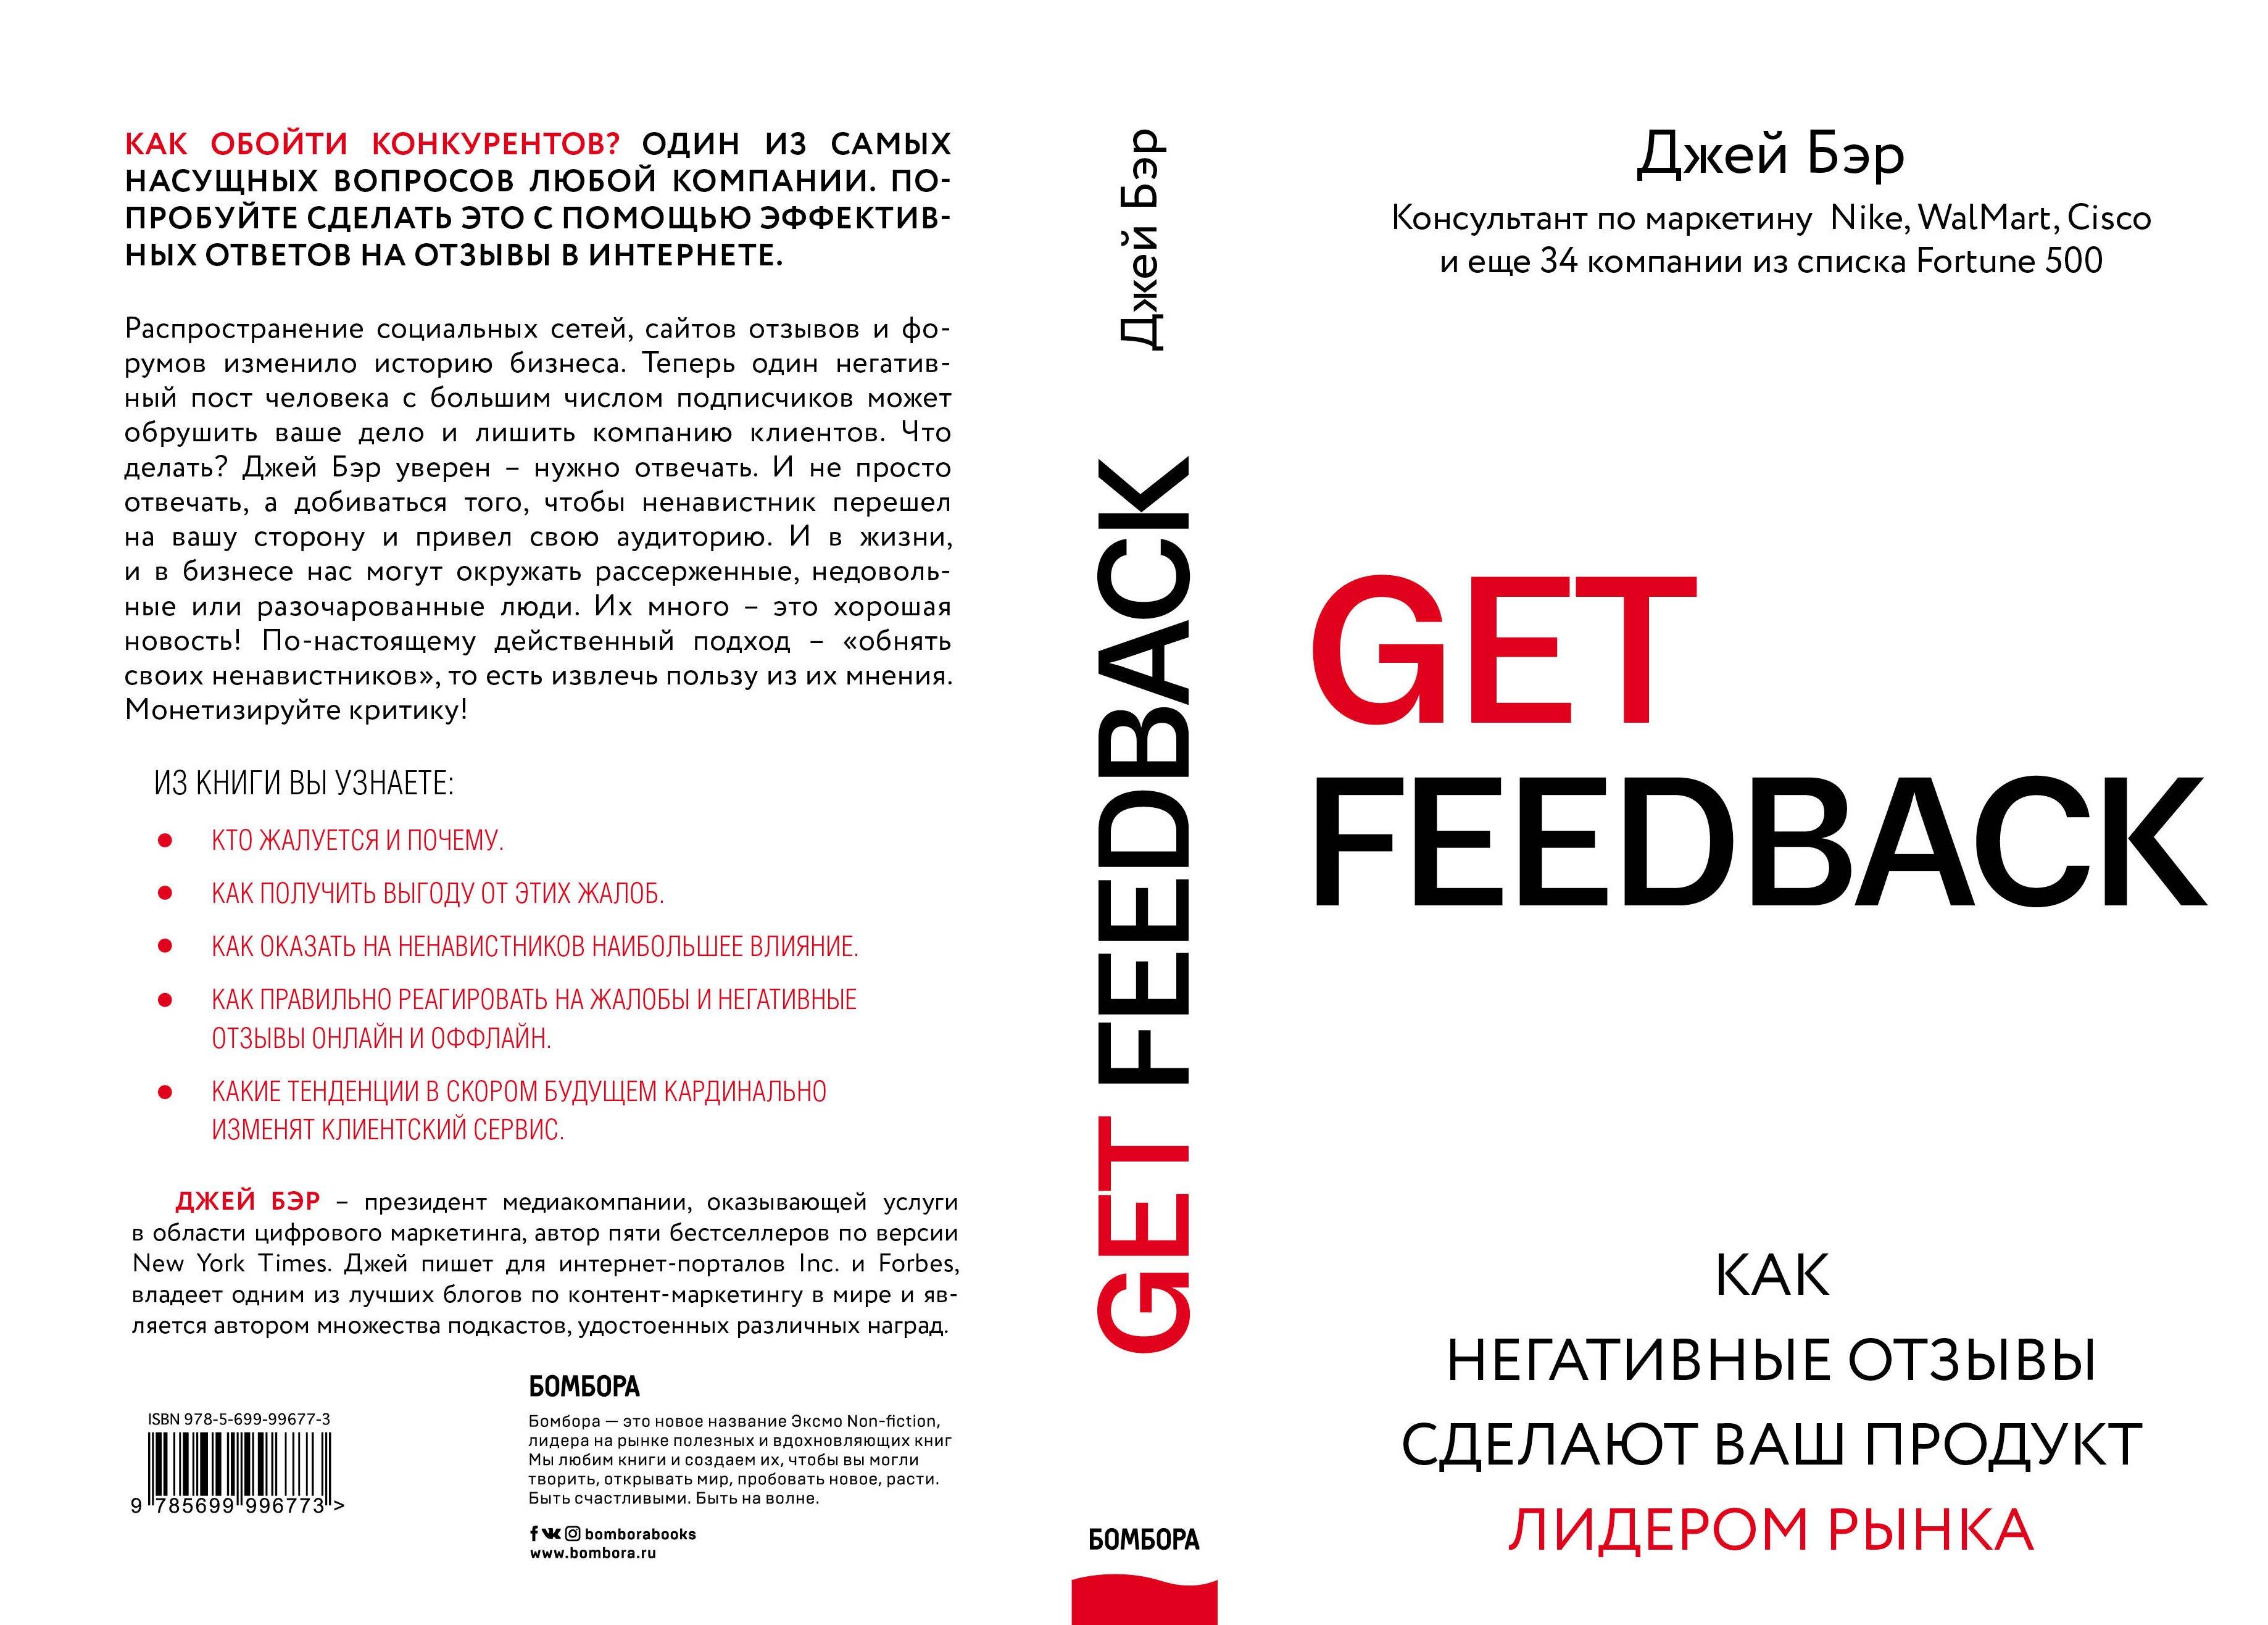 GET FEEDBACK. Как негативные отзывы сделают ваш продукт лидером рынка ( Бэр Джей  )